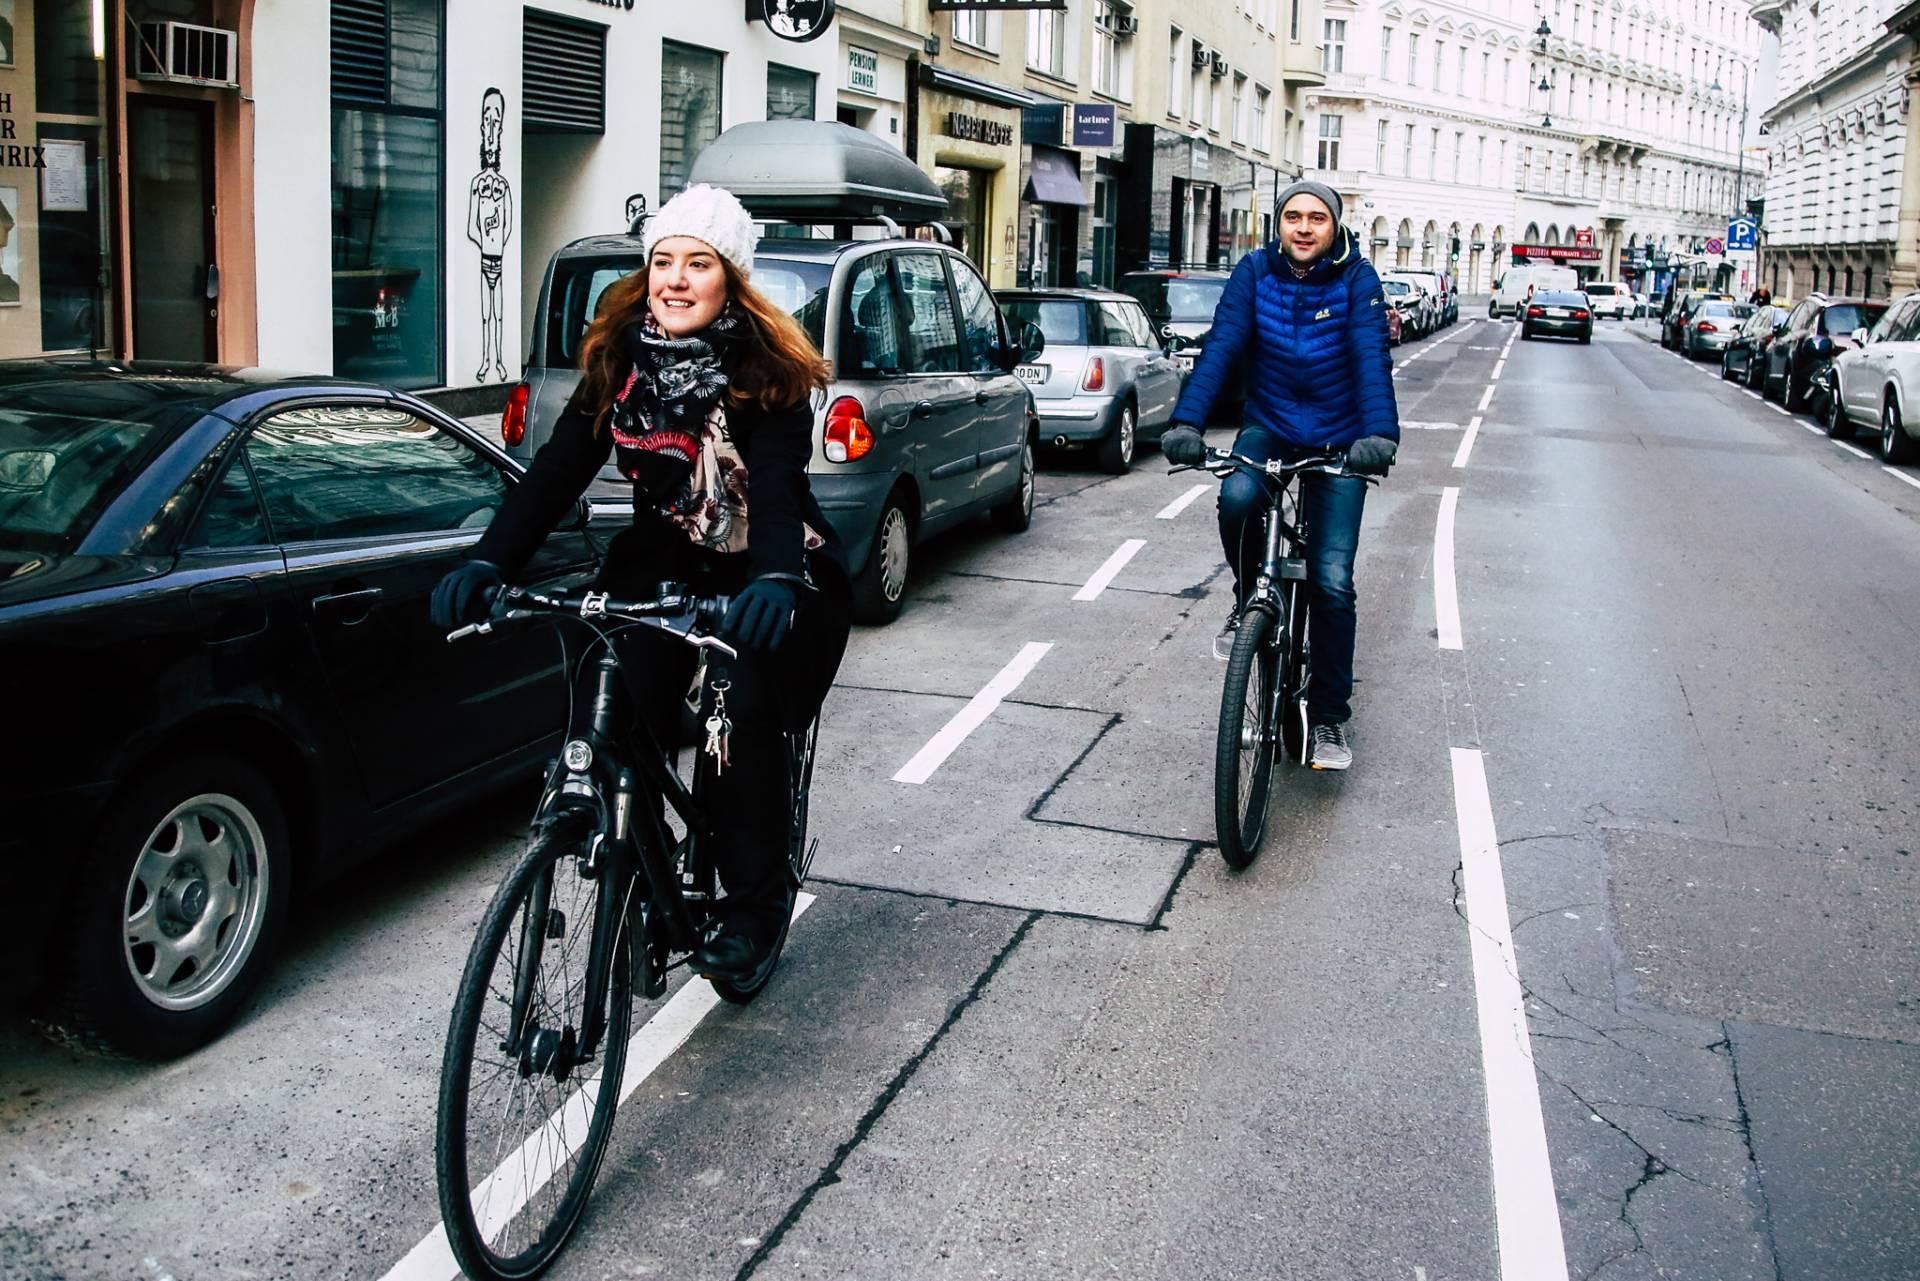 eine Frau mit weißer Mütze und ein Mann mit blauer Jacke fahren hintereinander entlag des Radwegs in der Wipplingerstraße. Foto: Christian Fürthner